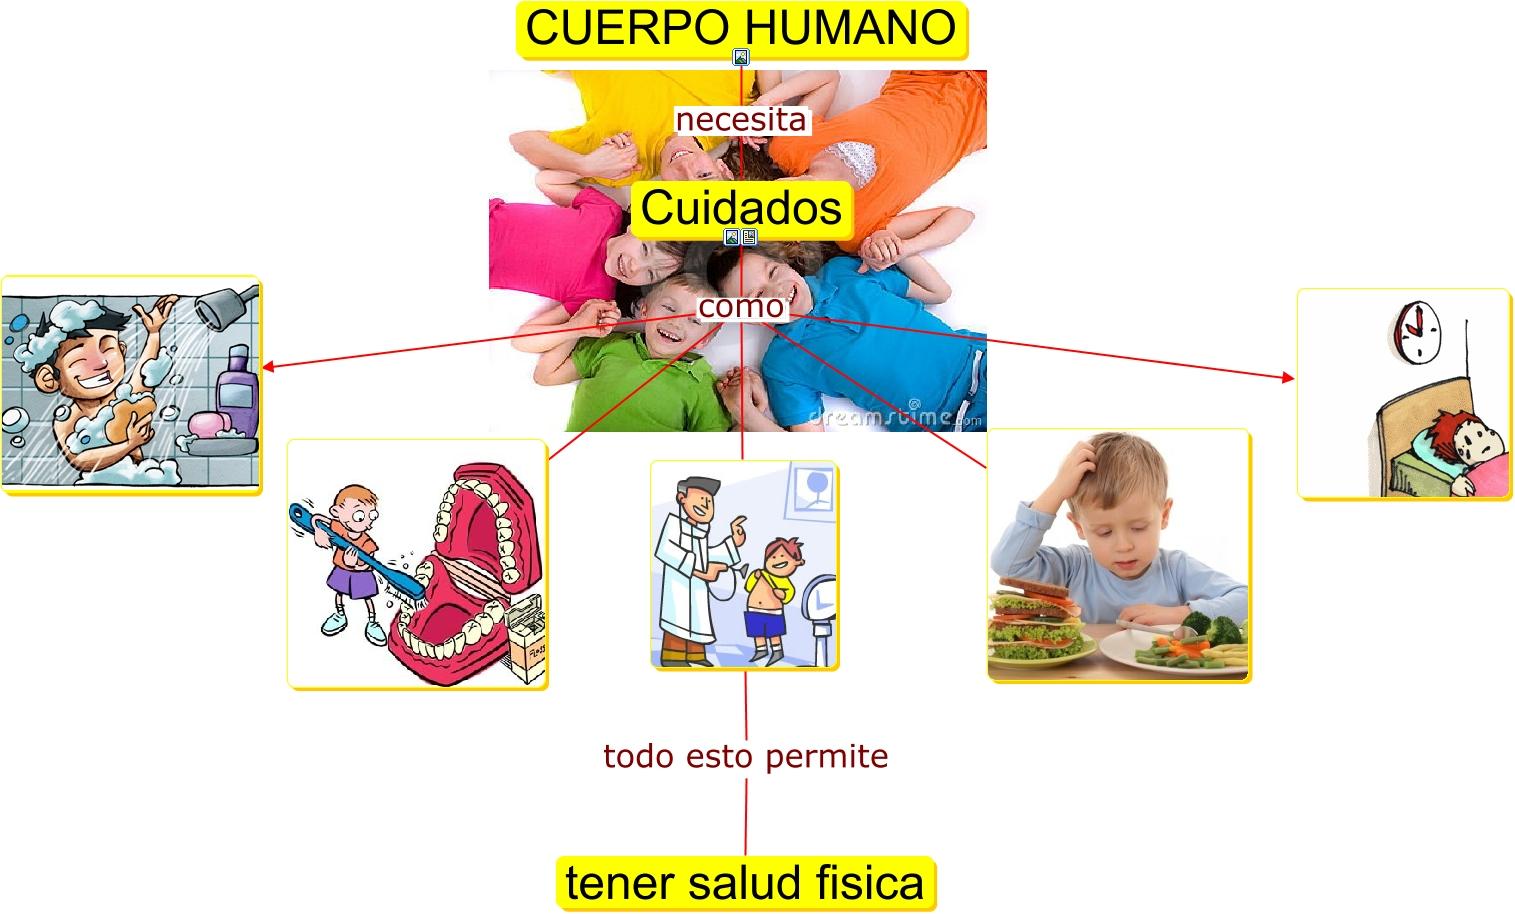 Gata El Cuidado Del Cuerpo: Juglares De Torremar: Unidad 1 El Cuerpo Humano Y La Salud